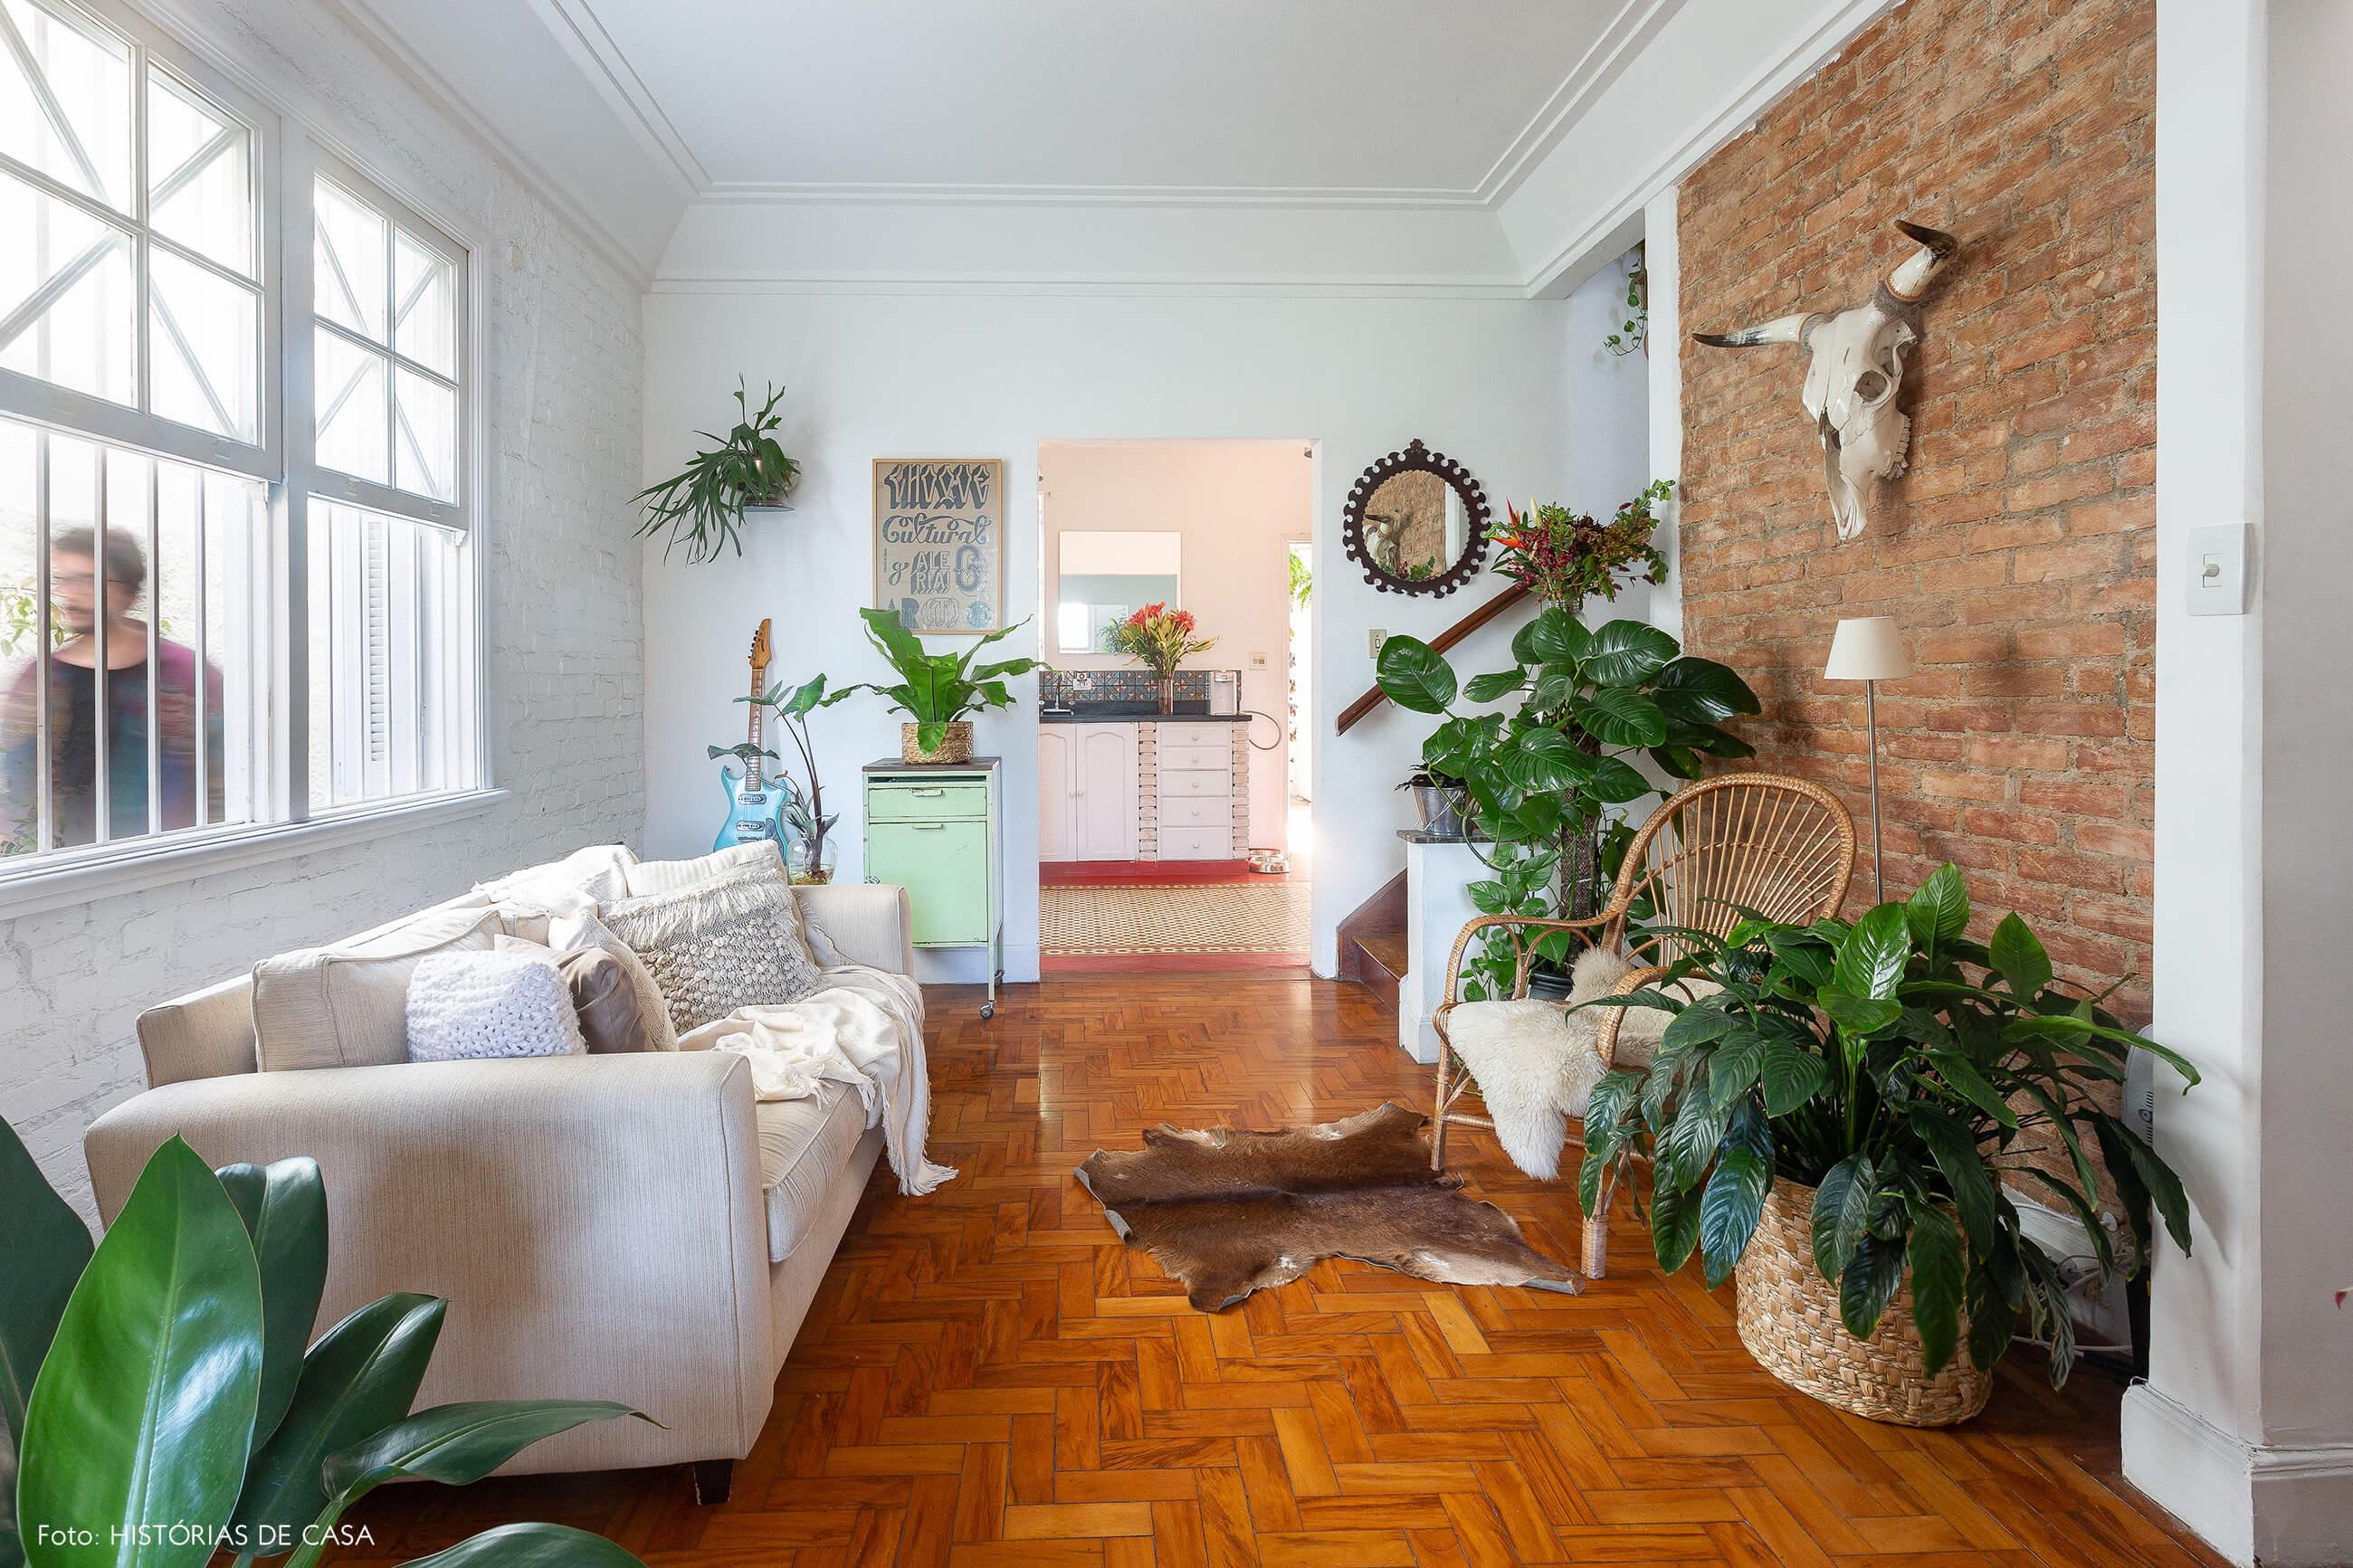 Casa de vila com salas integradas e paredes de tijolinho